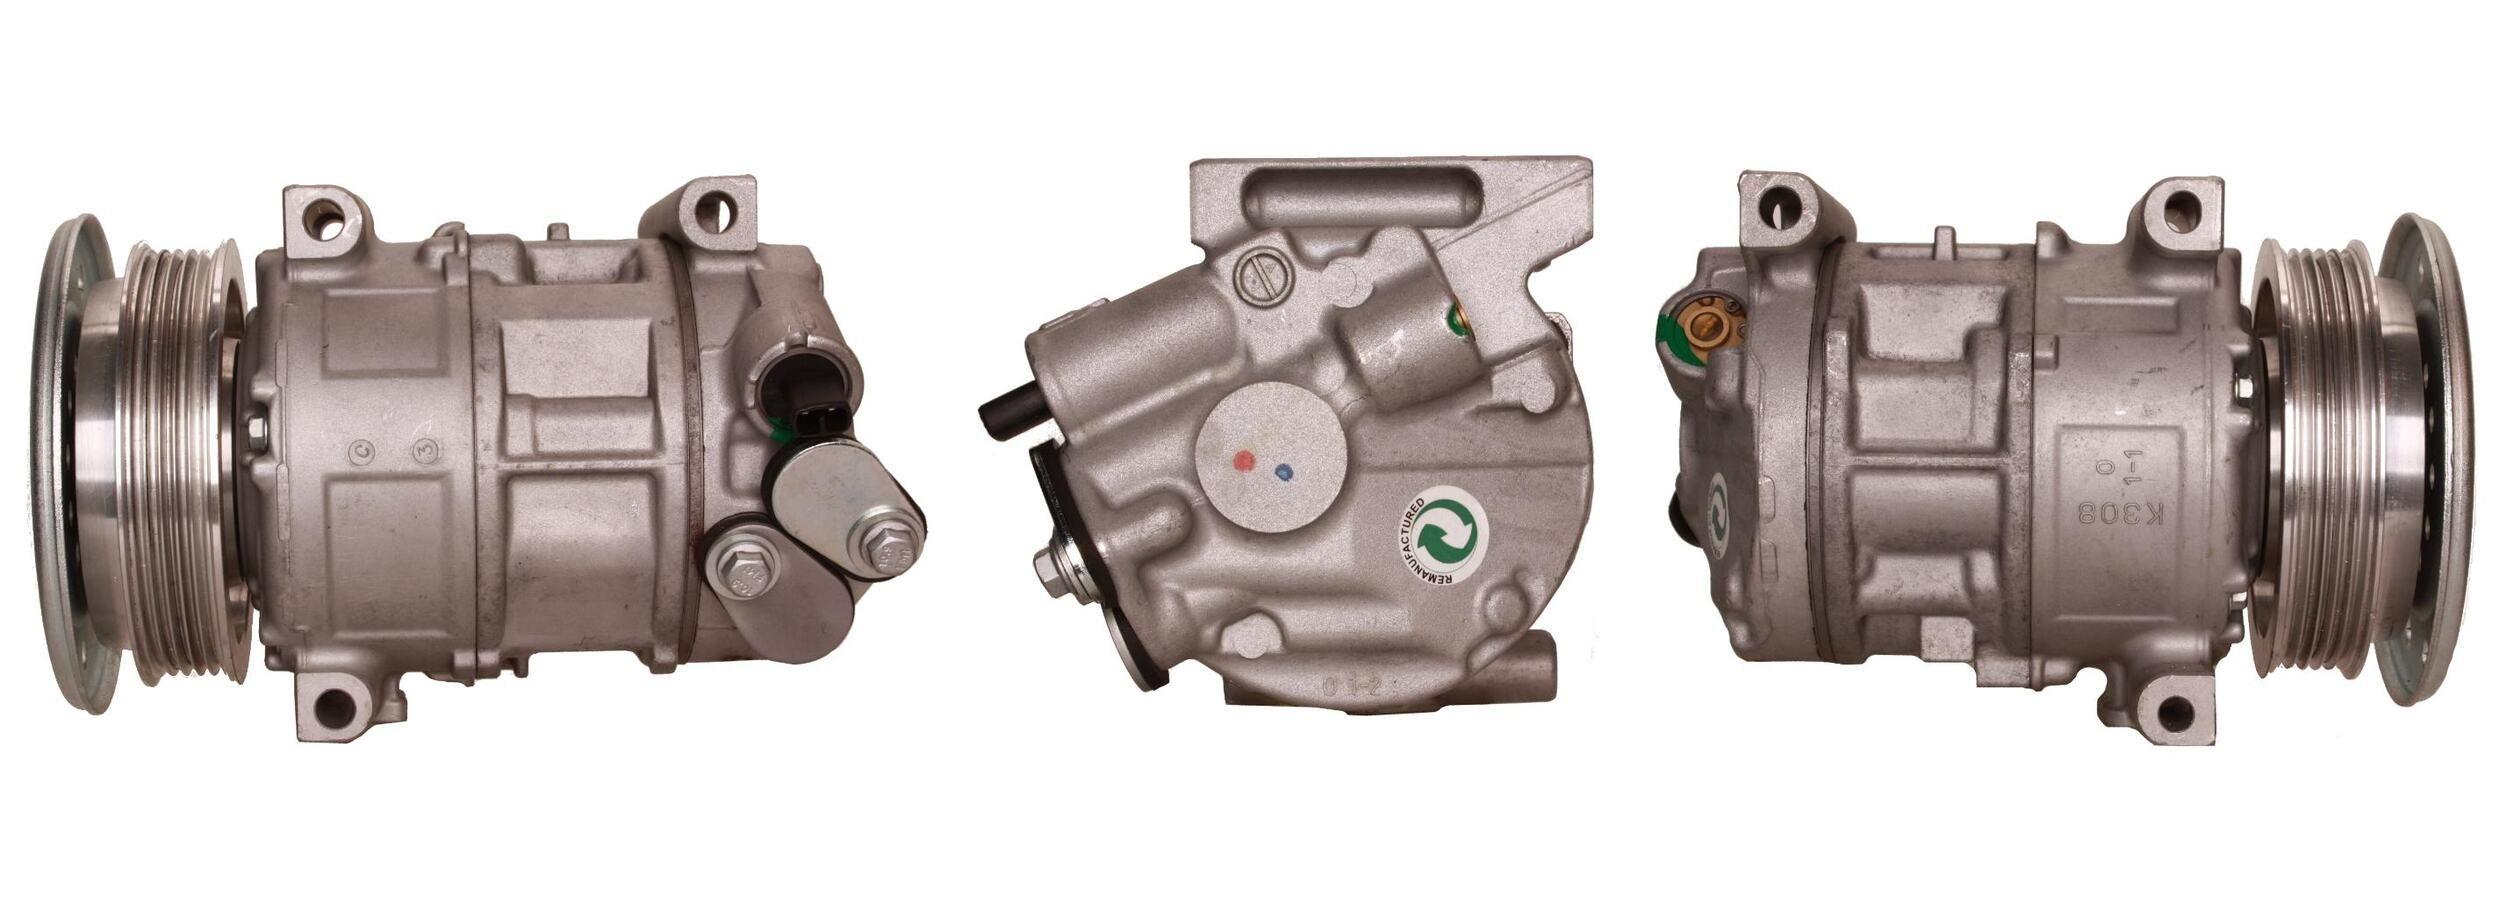 51-0455 ELSTOCK PAG 46, Kältemittel: R 134a Riemenscheiben-Ø: 110mm, Anzahl der Rillen: 5 Klimakompressor 51-0455 günstig kaufen